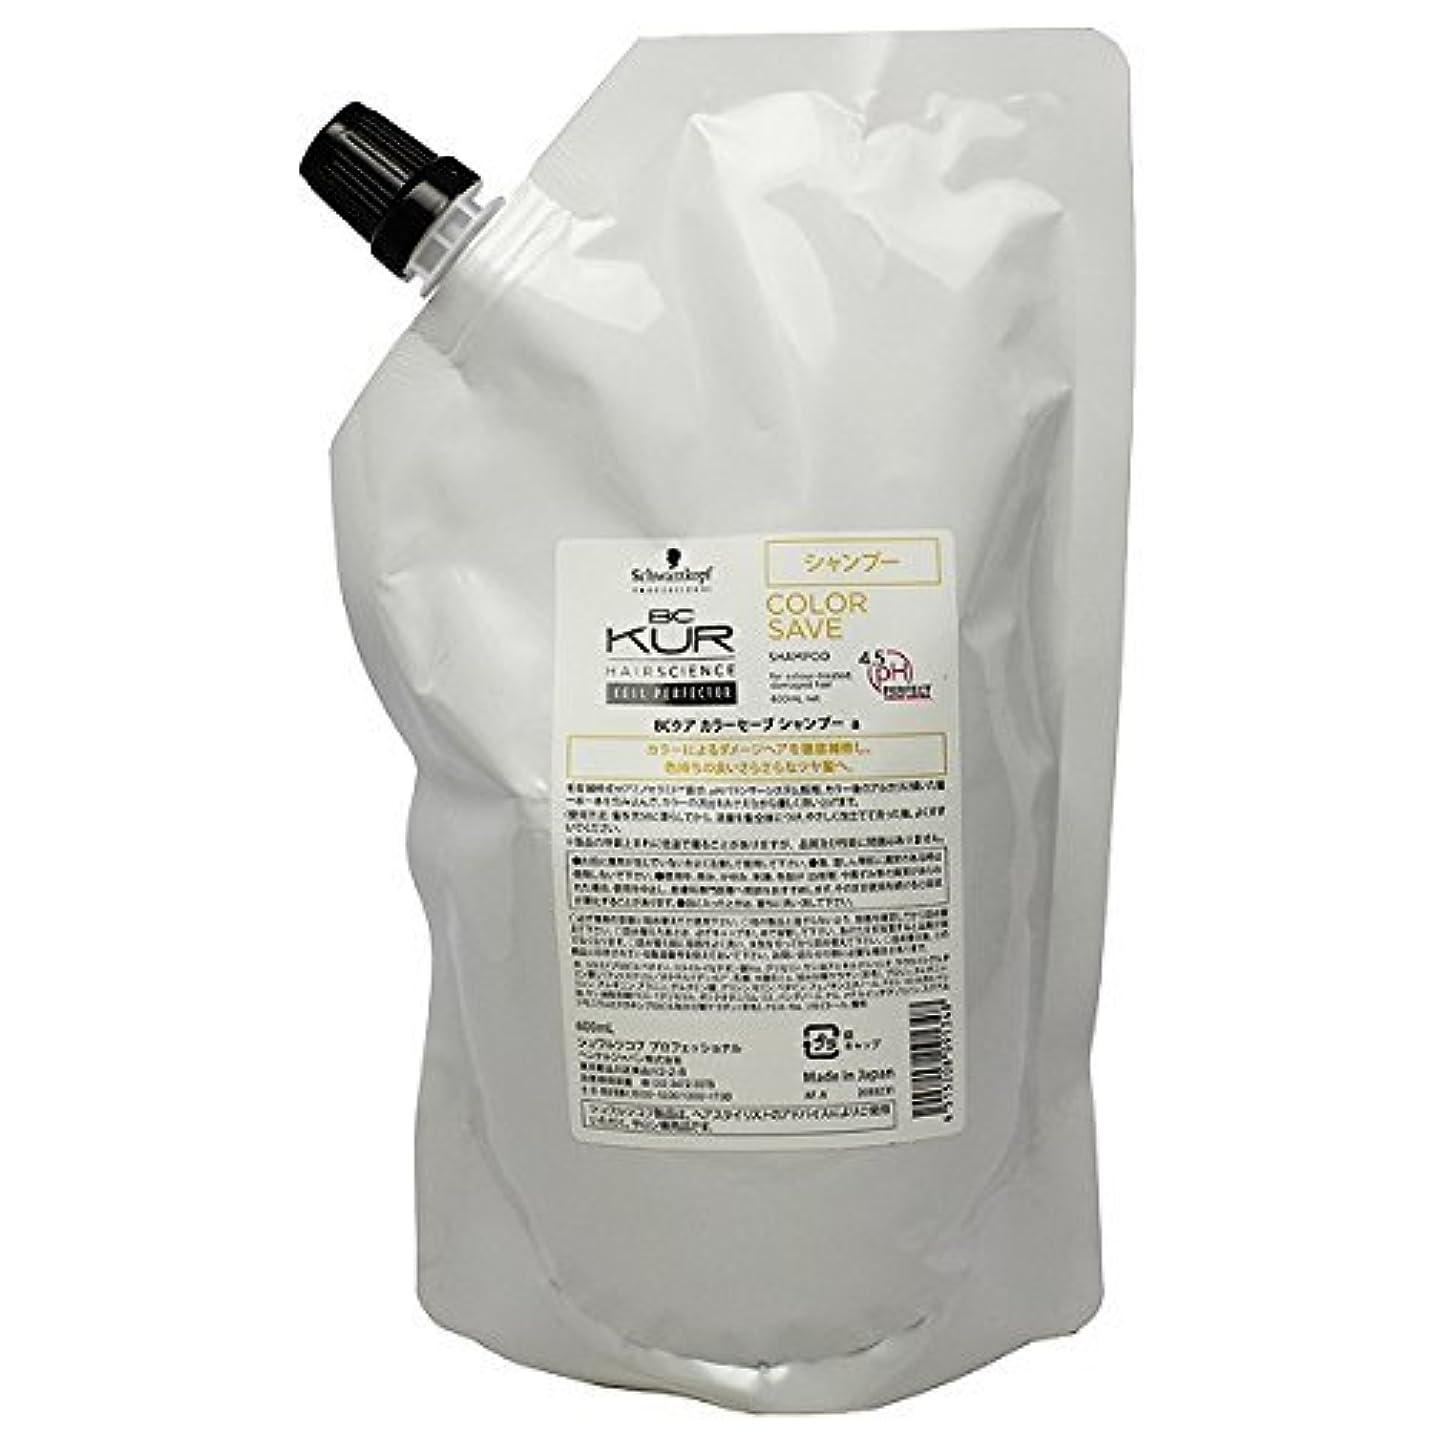 差消毒剤ペレットシュワルツコフ BCクア カラーセーブシャンプーa 600ml レフィル